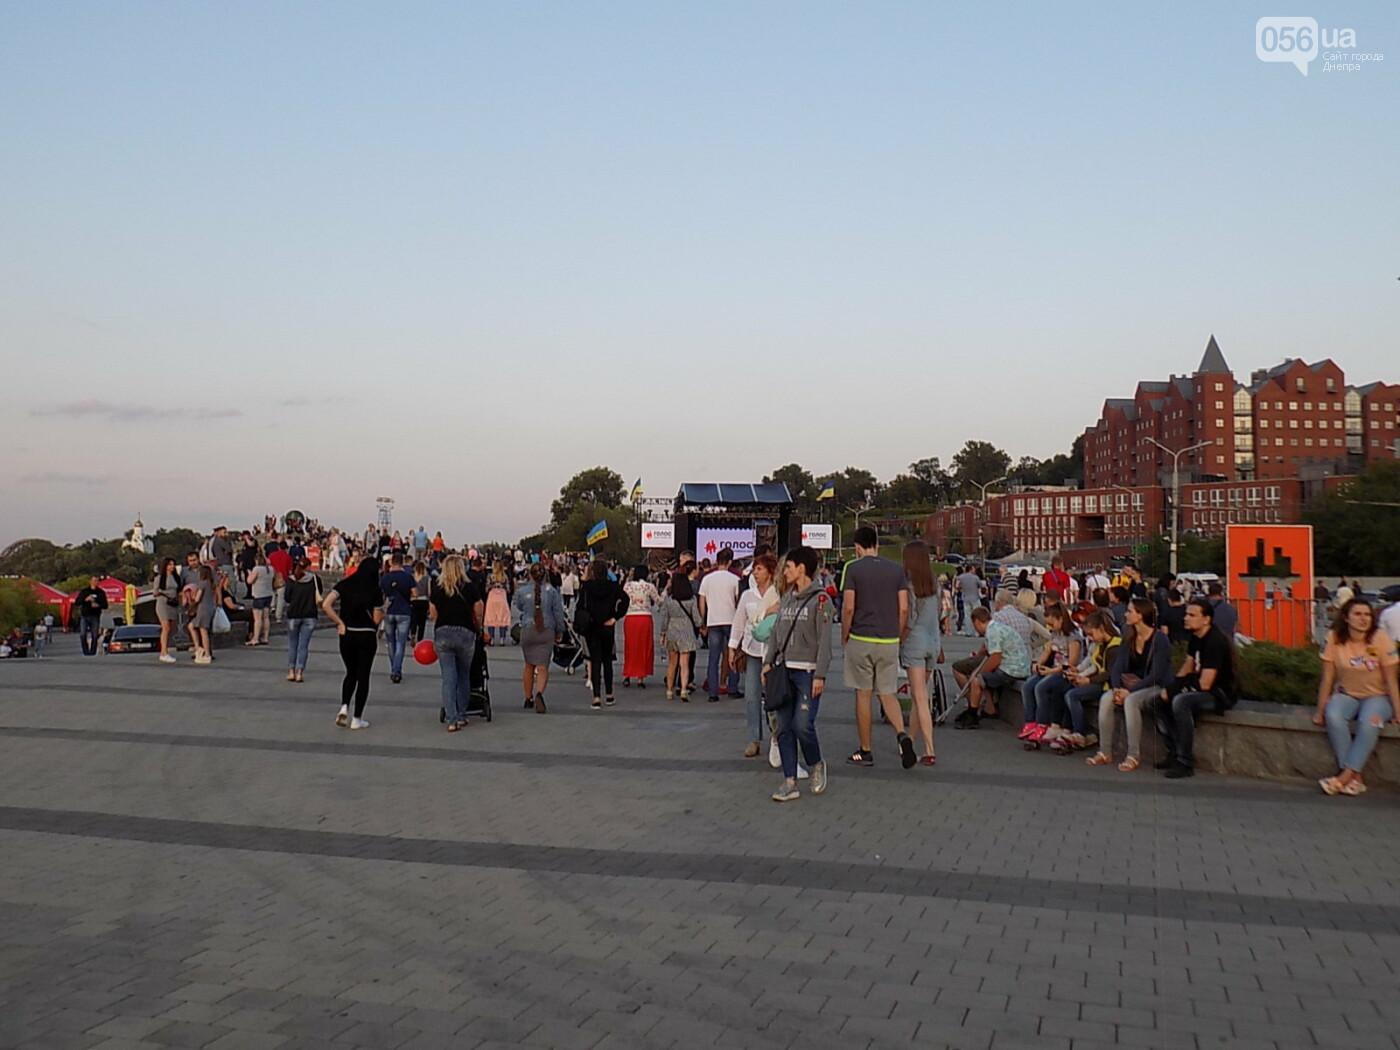 В Днепре прошел концерт группы Океан Эльзы: как это было, - ФОТО, фото-12